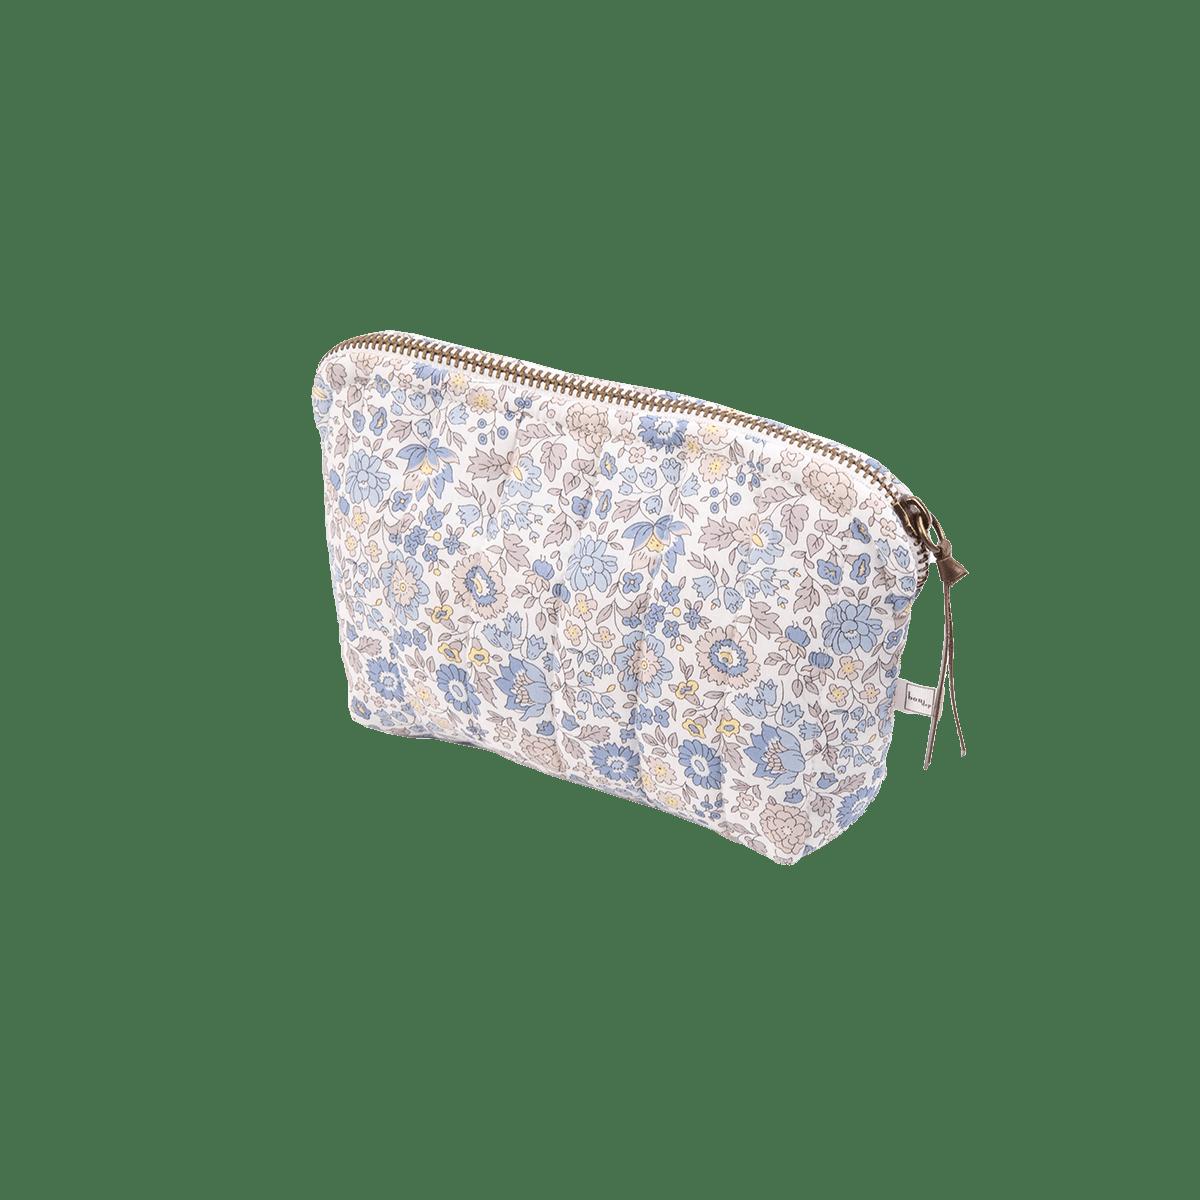 BON DEP - Liberty pouch XS Danjo